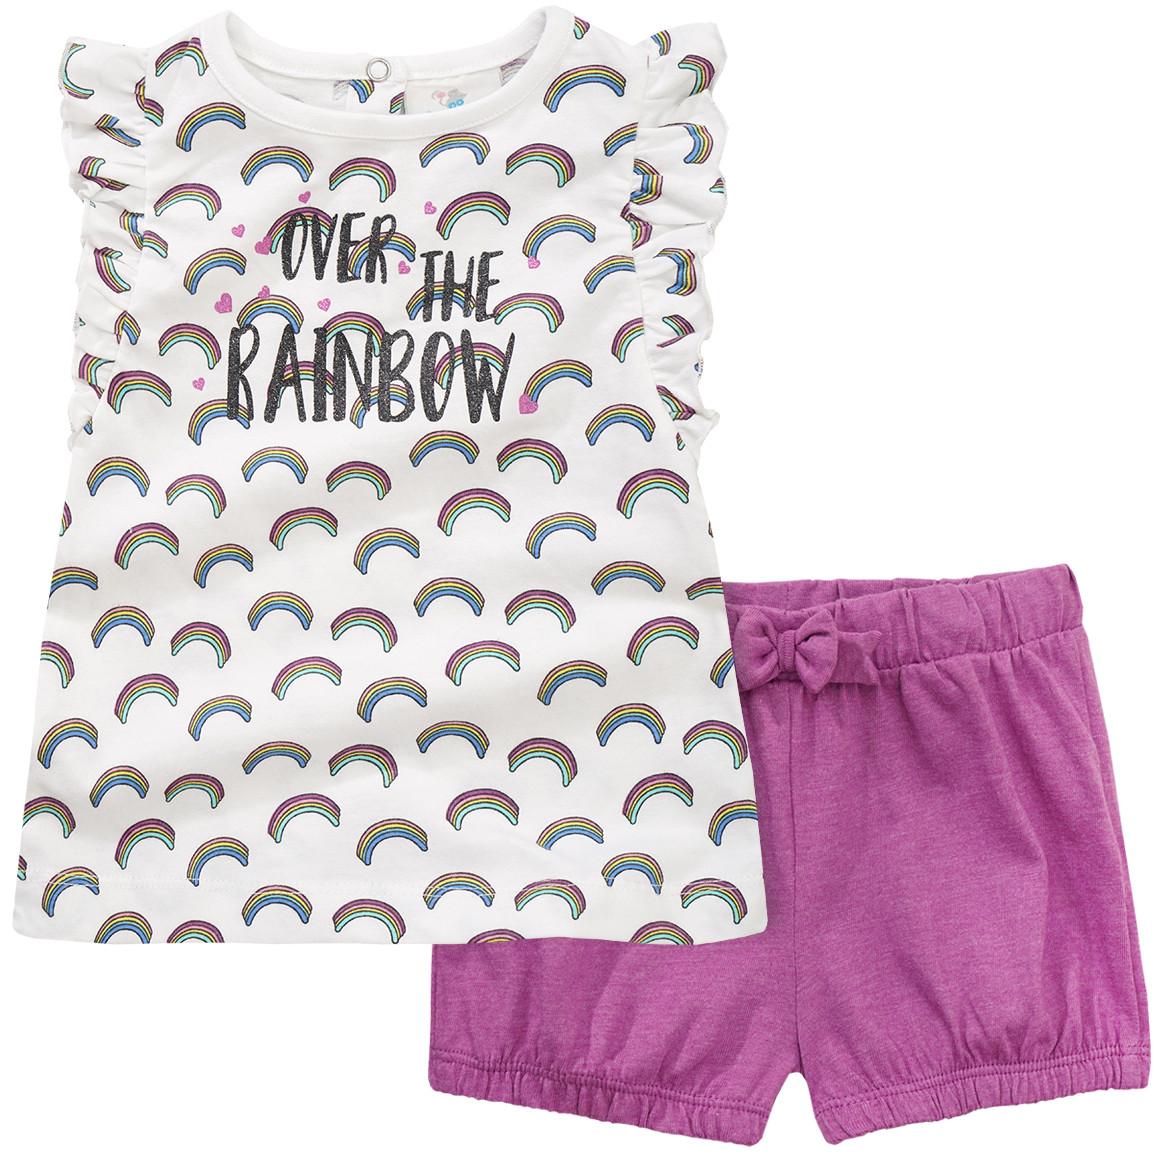 pinke shorts und weißes Tshirt mit Regenbogen